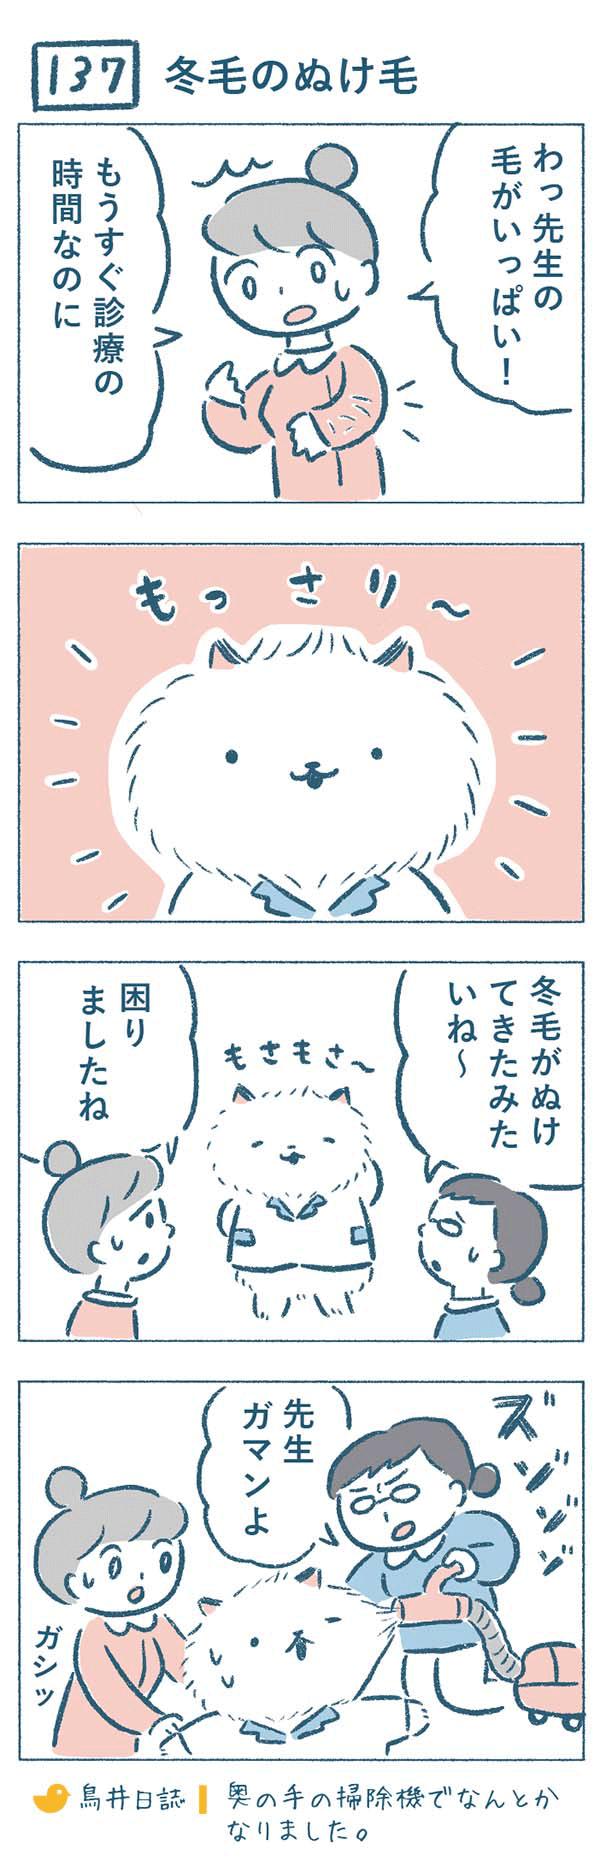 タイトル:冬毛のぬけ毛。ある日、診察前にナース服が先生の毛でいっぱいだと気づいた奈央子。ねこやま先生を見ると、冬毛が抜けてもさもさになっていました。困った熊野さんとねこやま先生は、「先生ガマンよ」と掃除機でなんとかぬけ毛を吸い取ろうとするのでした。